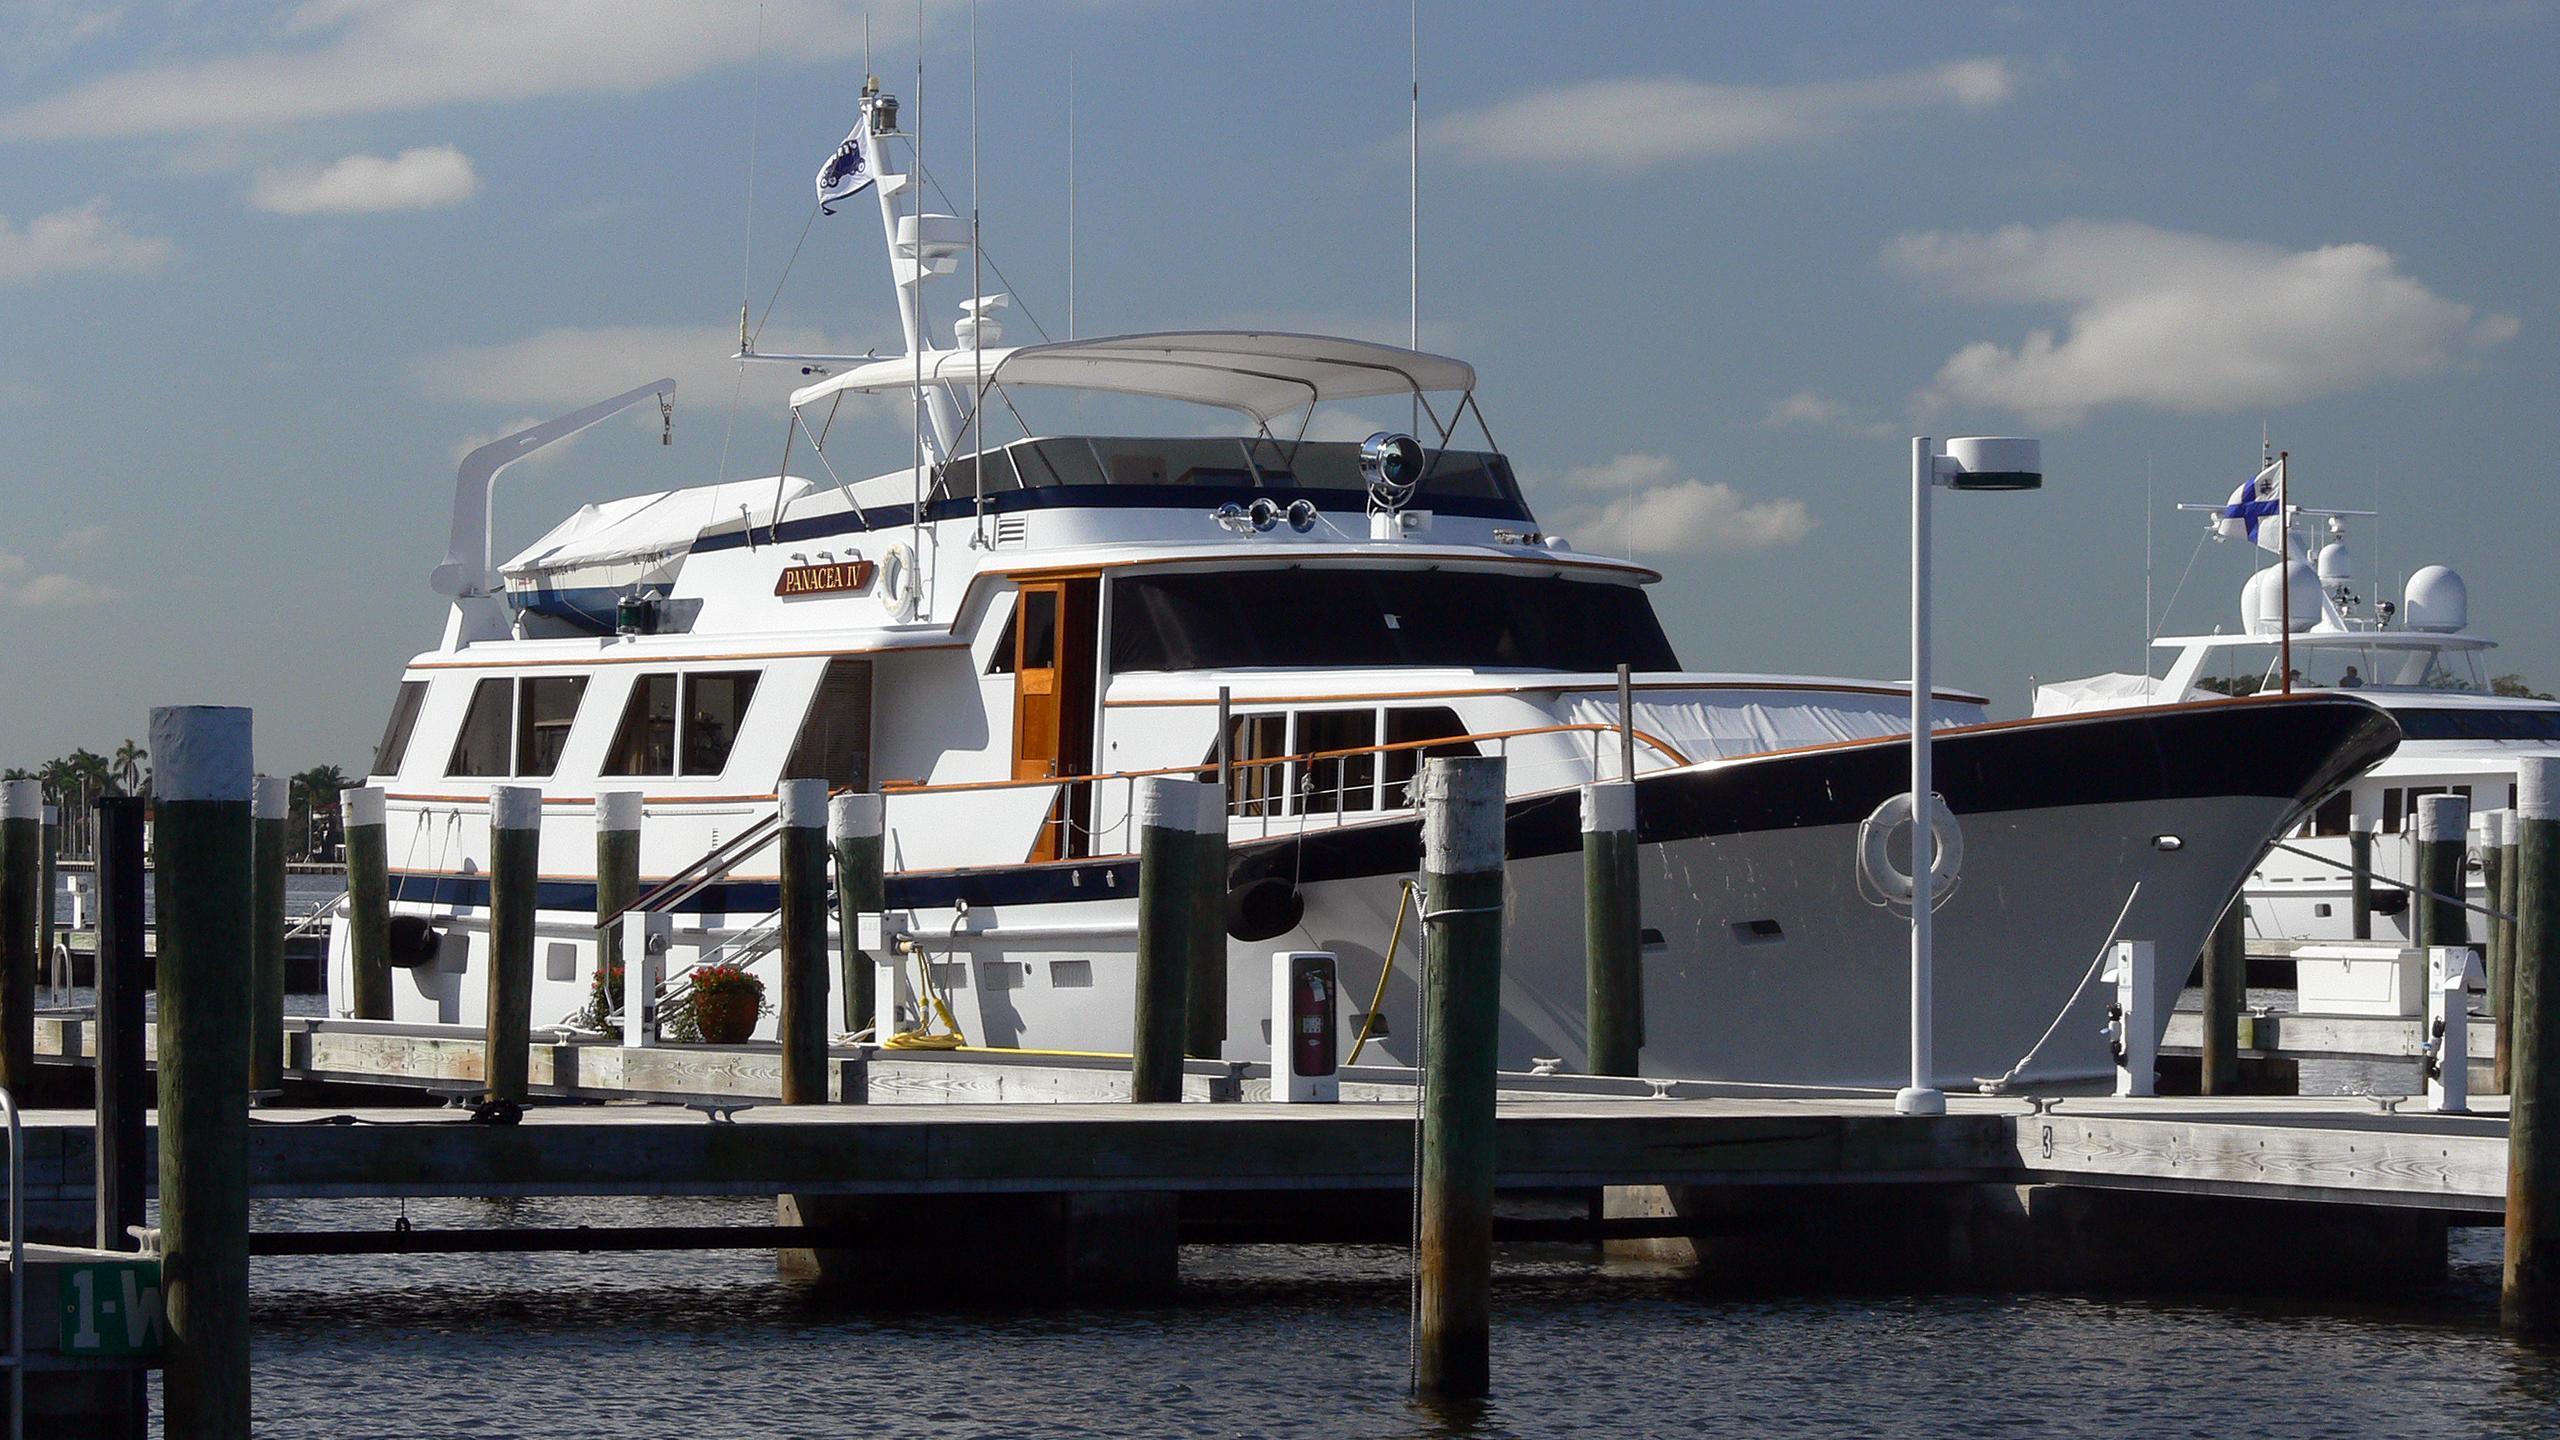 panacea-iv-motor-yacht-burger-boat-1984-26m-berth